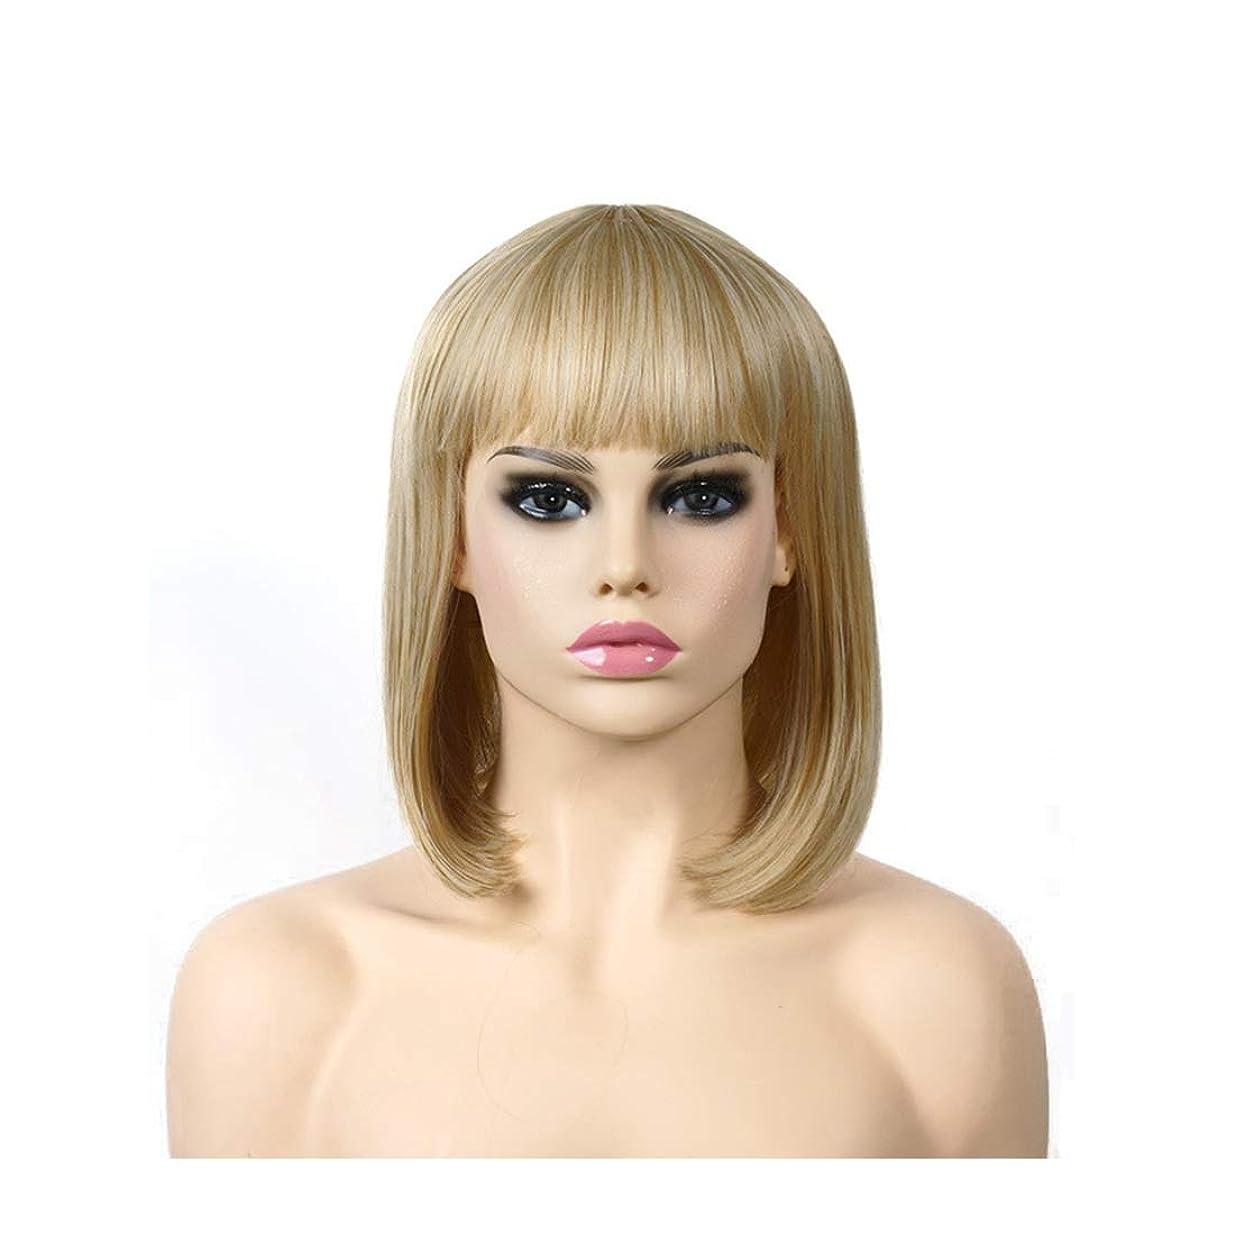 練習した貼り直す遺産Koloeplf 高温シルクヨーロッパとアメリカのファッションショルダーウィッグゴールドロングストレートヘアウィッグ (Color : 金色)